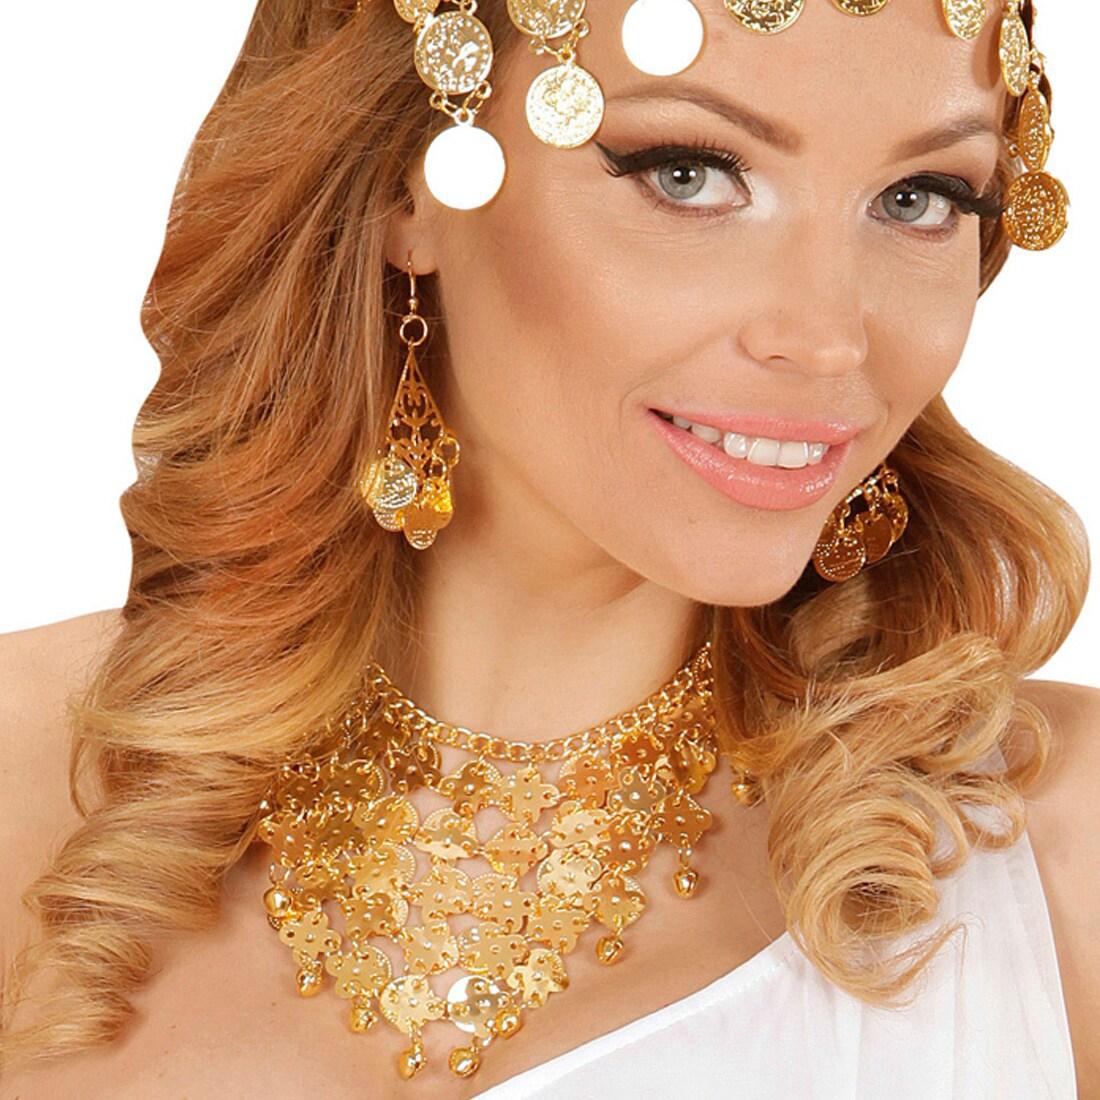 Orientalischer Schmuck Bollywood Schmuckset Mit Ohrringen Und